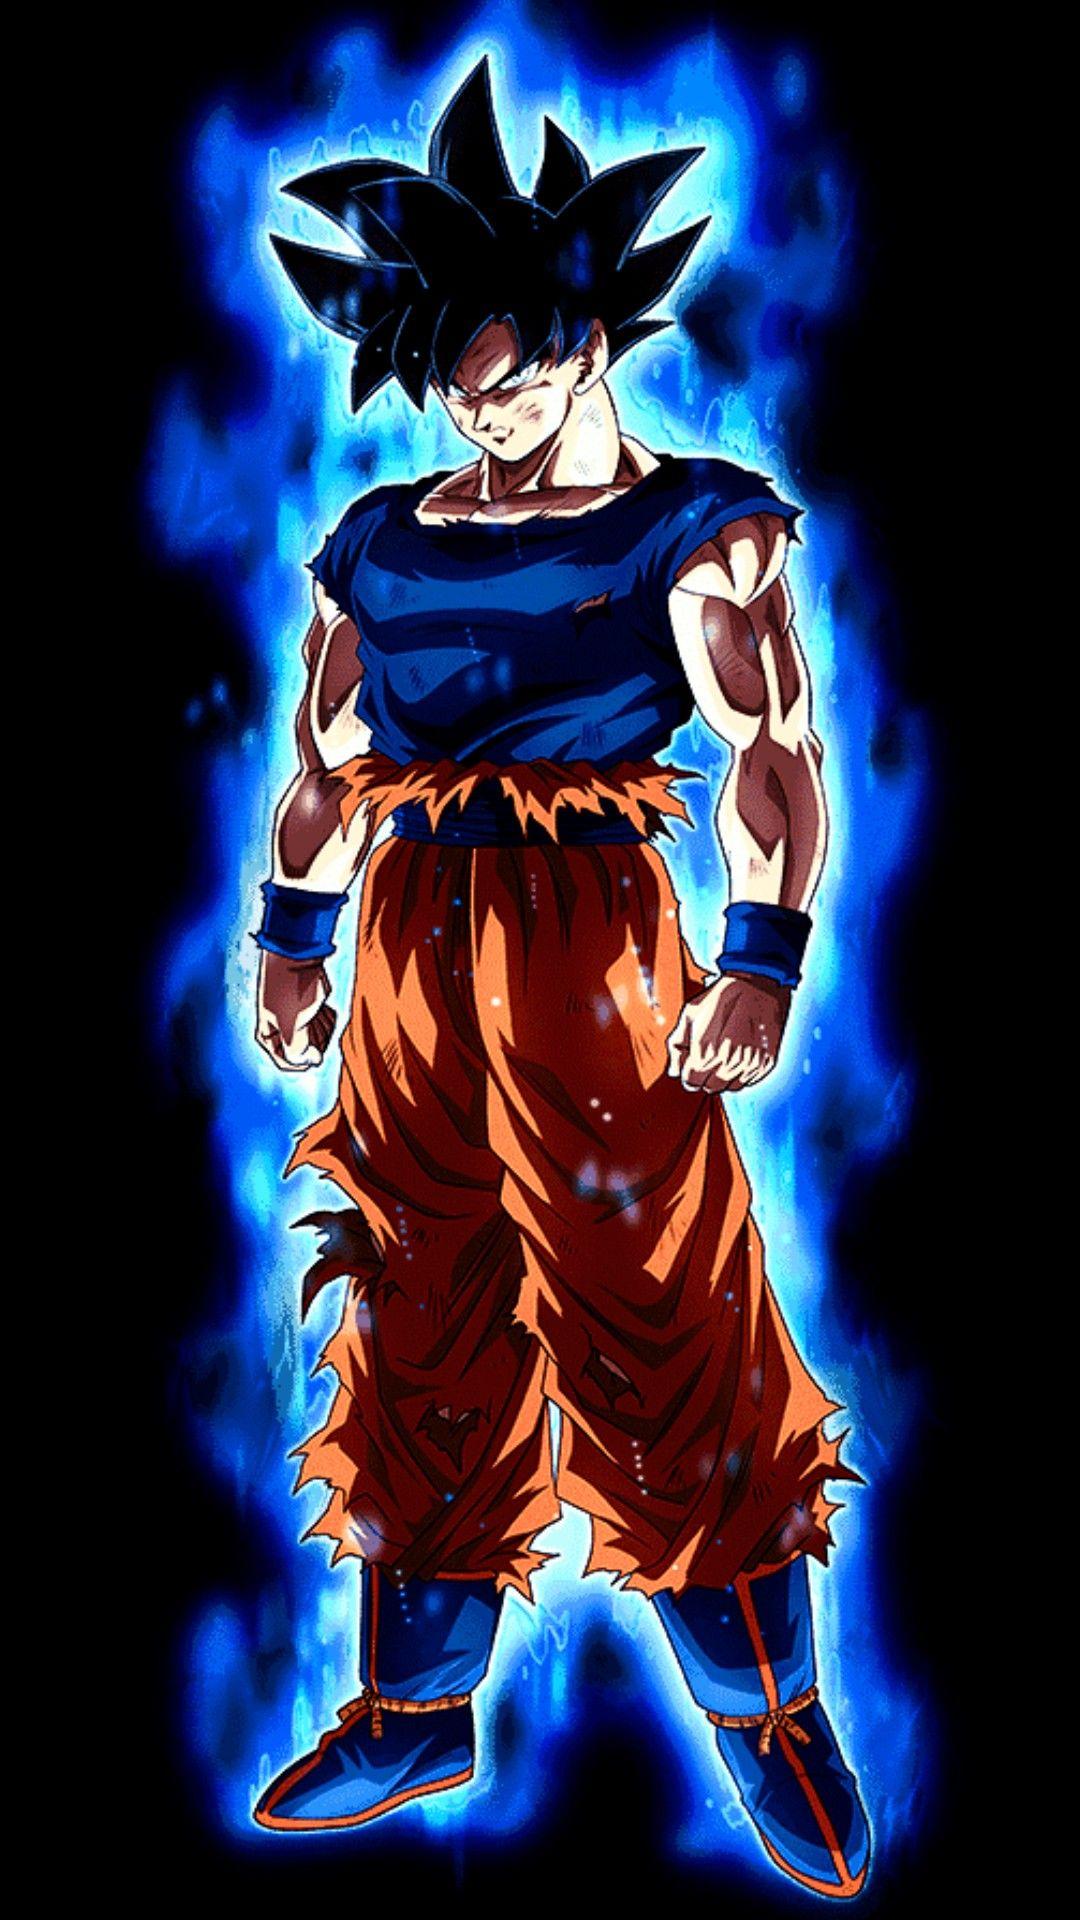 Goku Migatte No Gokui Dragon Ball Super Manga Goku Wallpaper